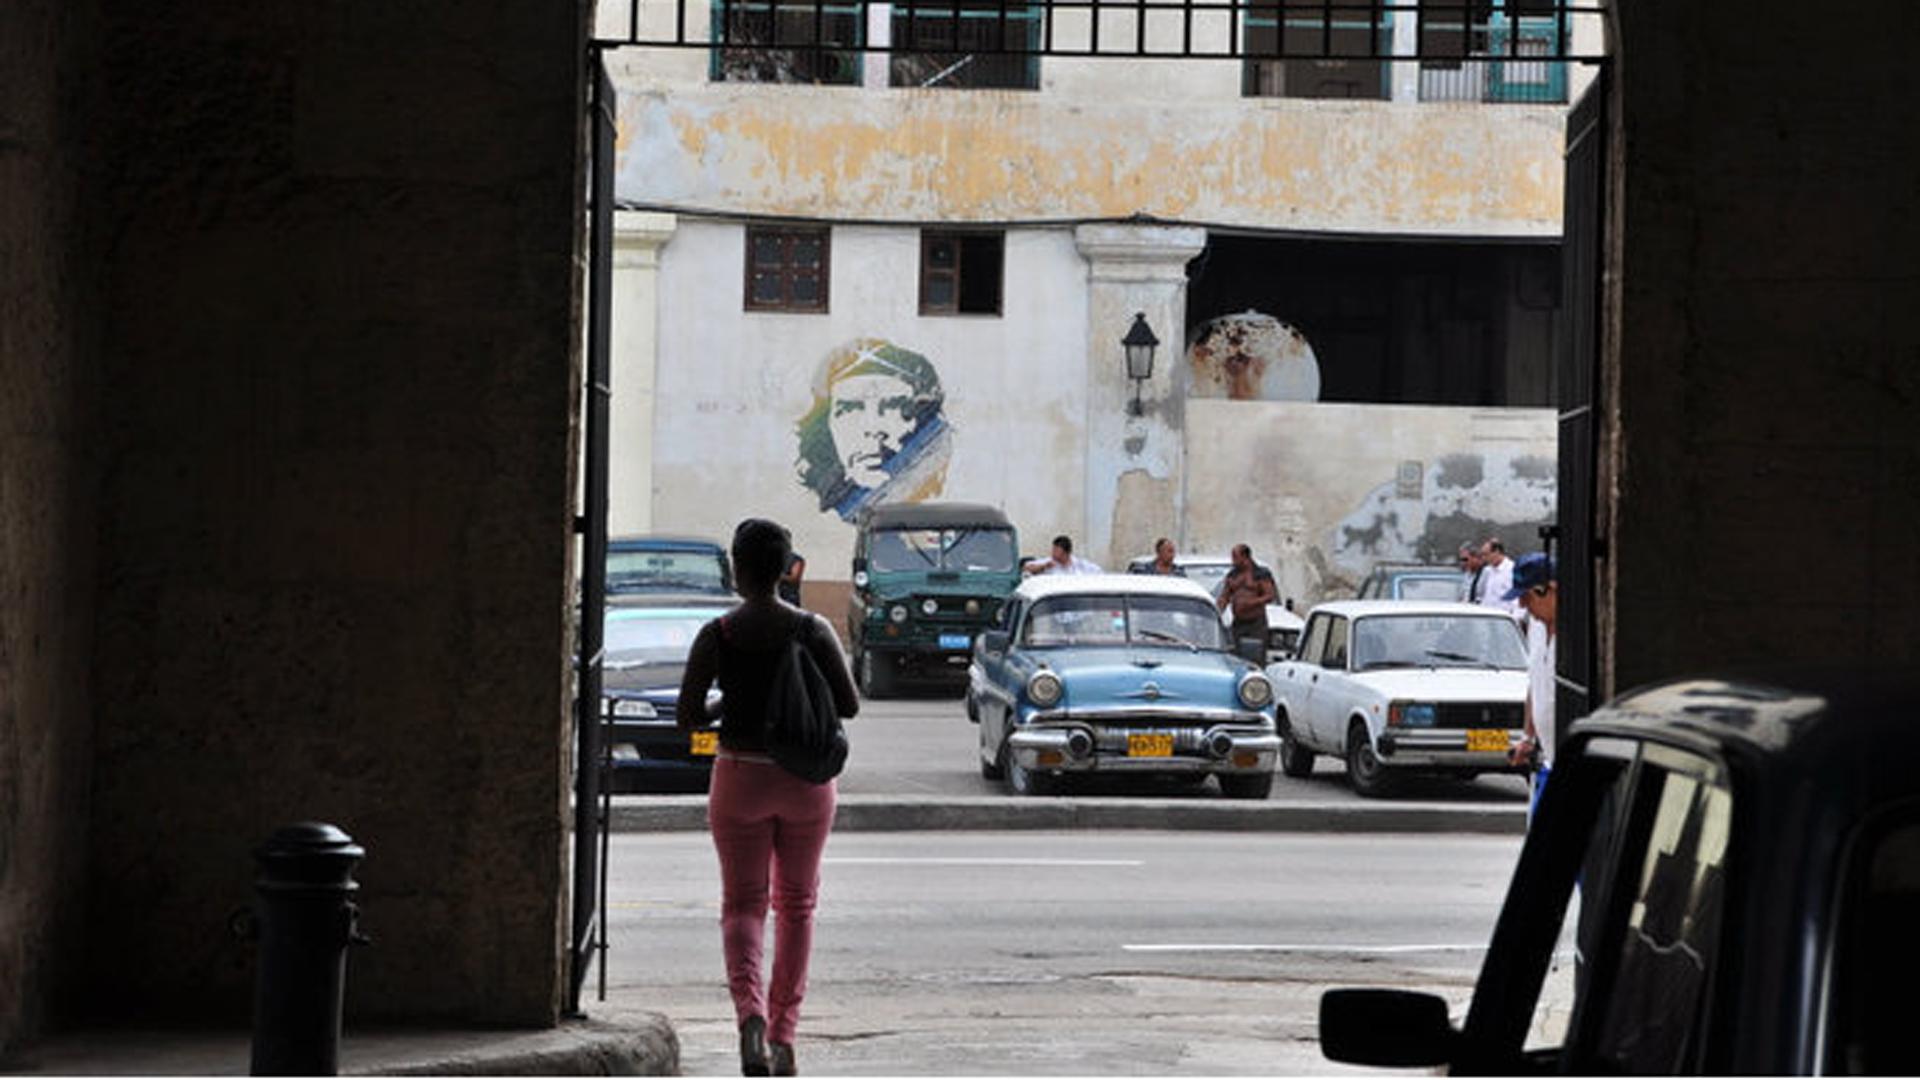 In Kuba werden Kirchen und soziale Einrichtungen überwacht, erklärte Erzbischof Ludwig Schick am Montag